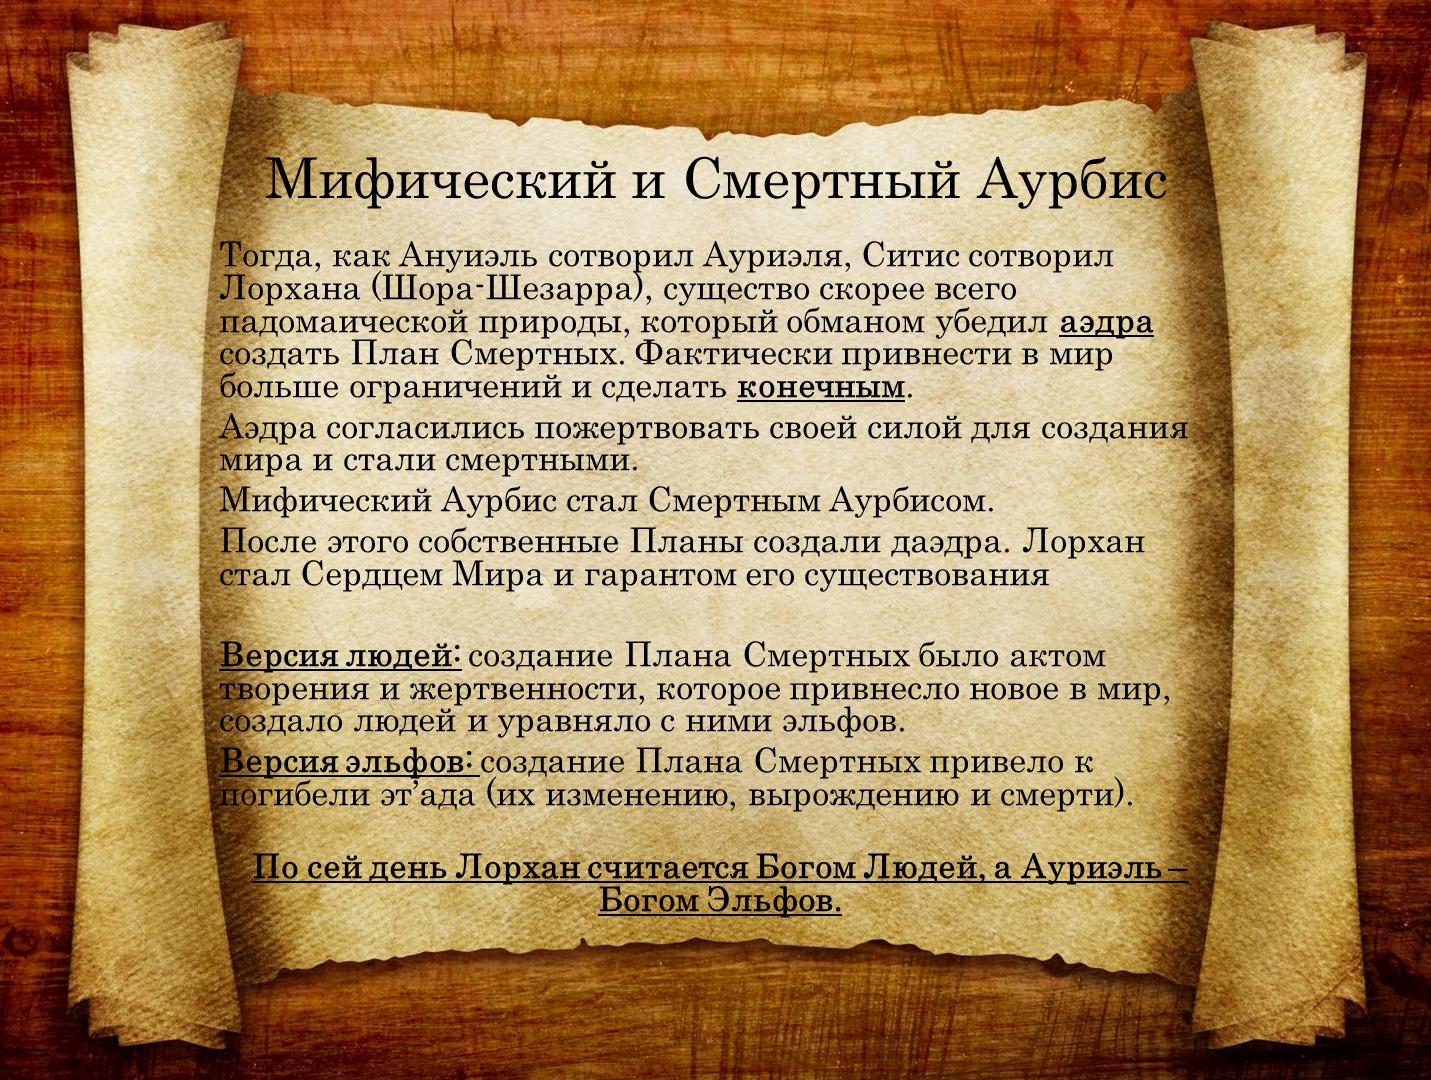 http://s3.uploads.ru/ODaKF.png